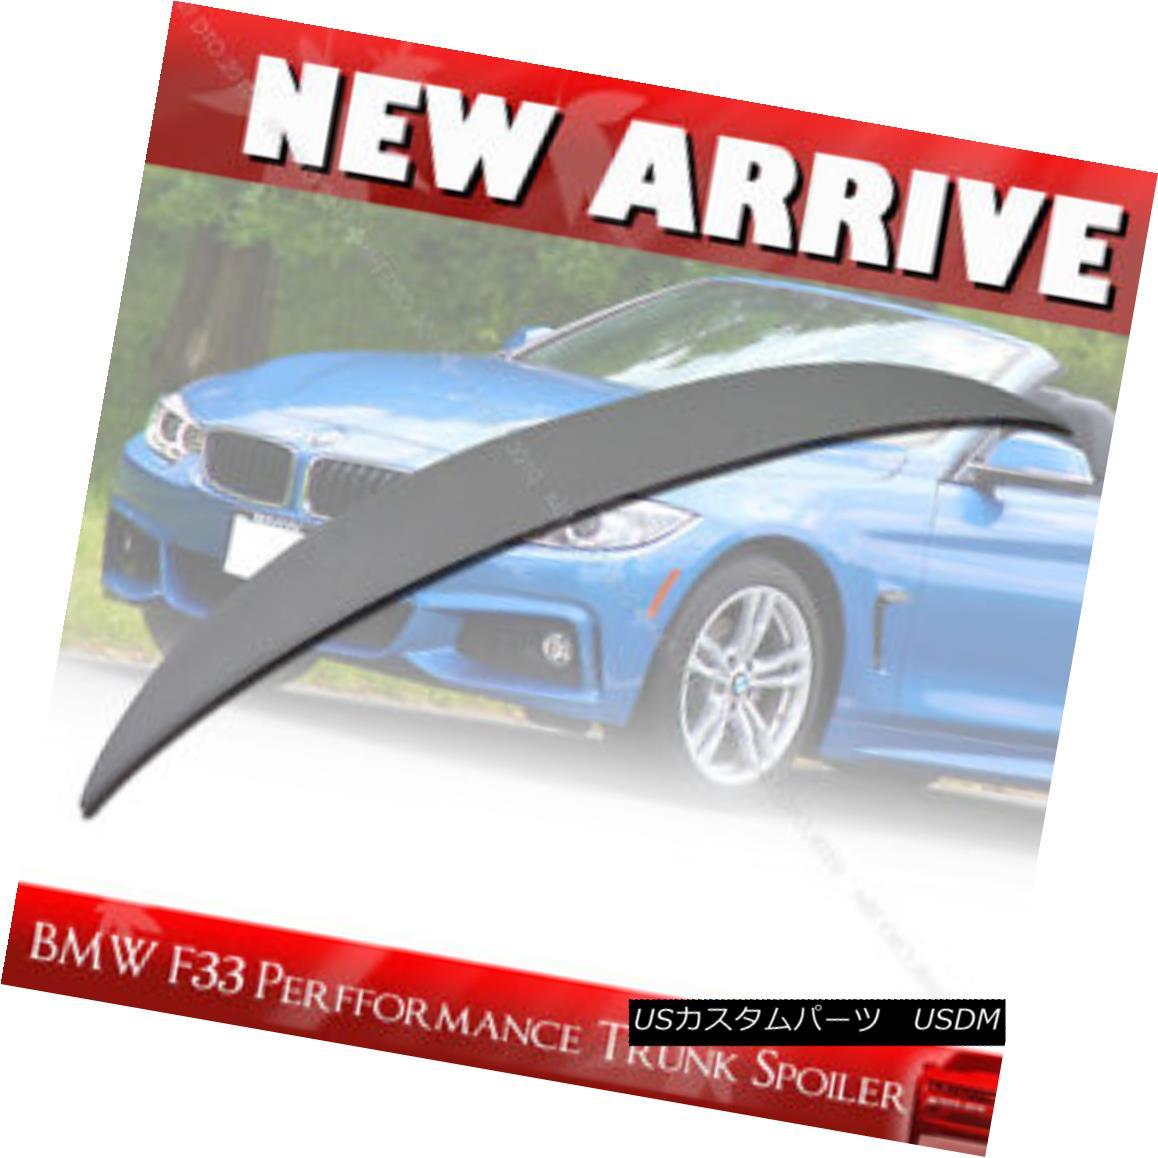 エアロパーツ Painted For BMW F33 420i 428i Performance P-Type Rear Trunk Spoiler Wing § BMW F33 420i 428iパフォーマンスP型リアトランク・スポイラー・ウイング用塗装